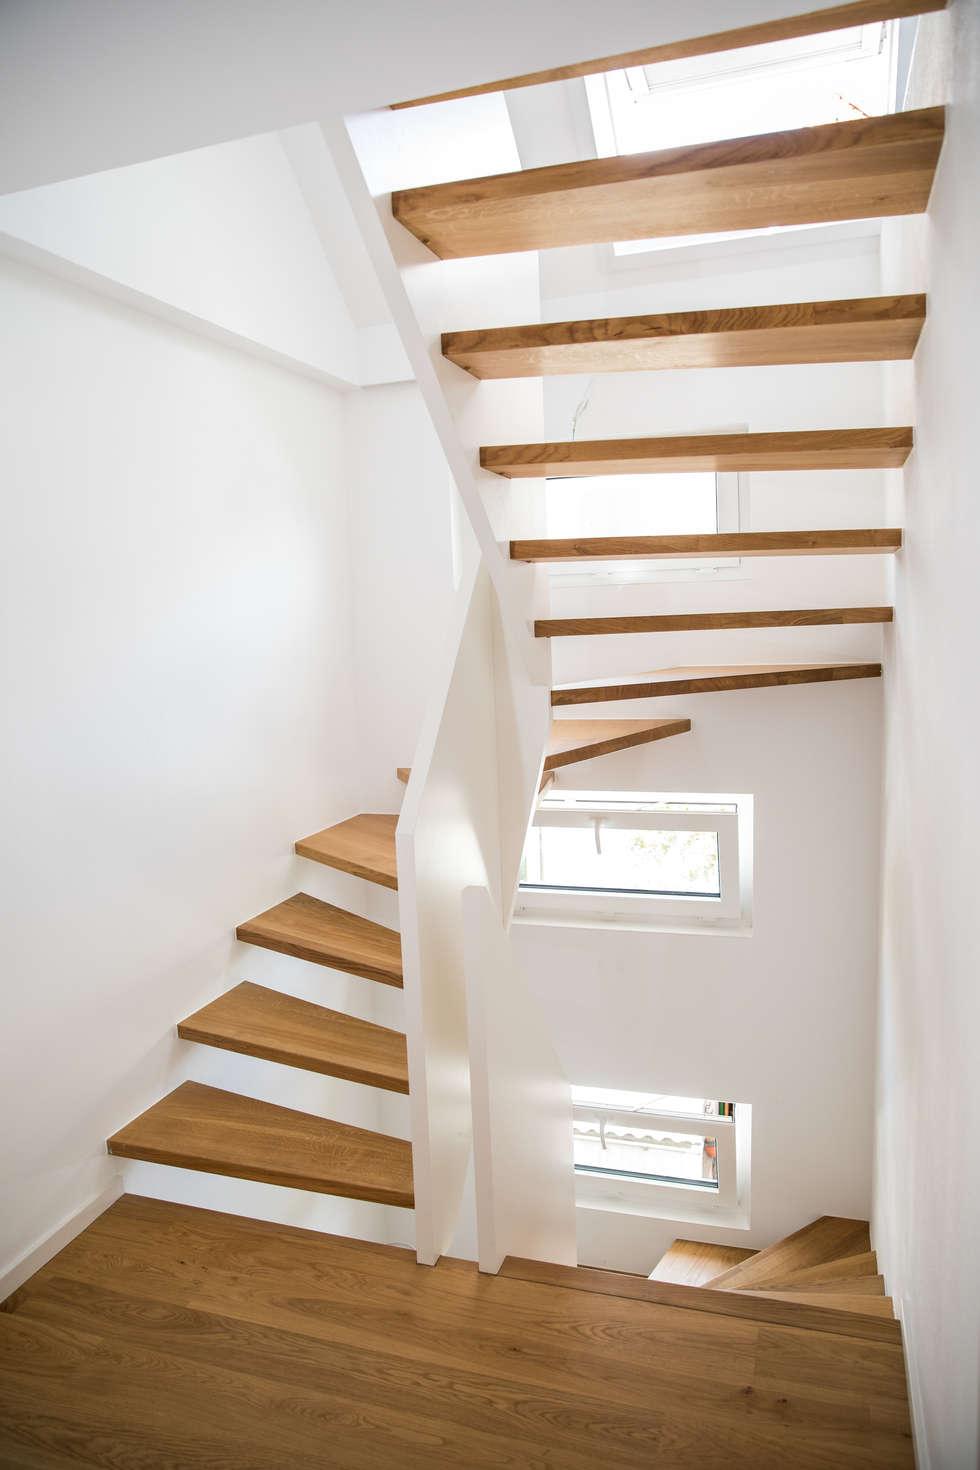 Halbgewendelte Treppe wohnideen interior design einrichtungsideen bilder homify